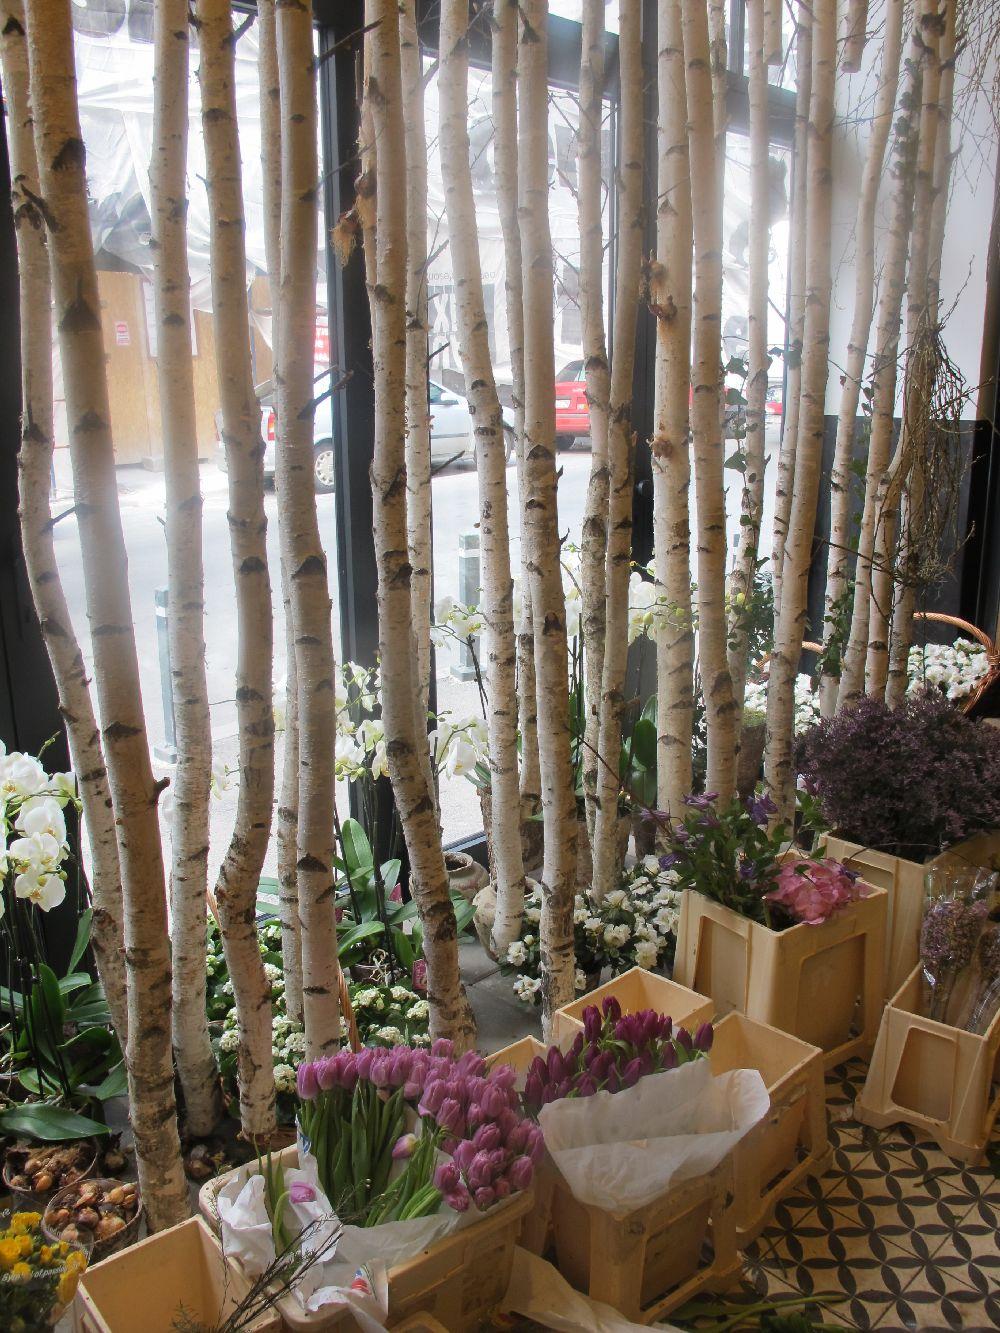 adelaparvu.com despre atelierul designerului florist Nicu Bocancea, Foraria Iris, design interior Pascal Delmotte (76)